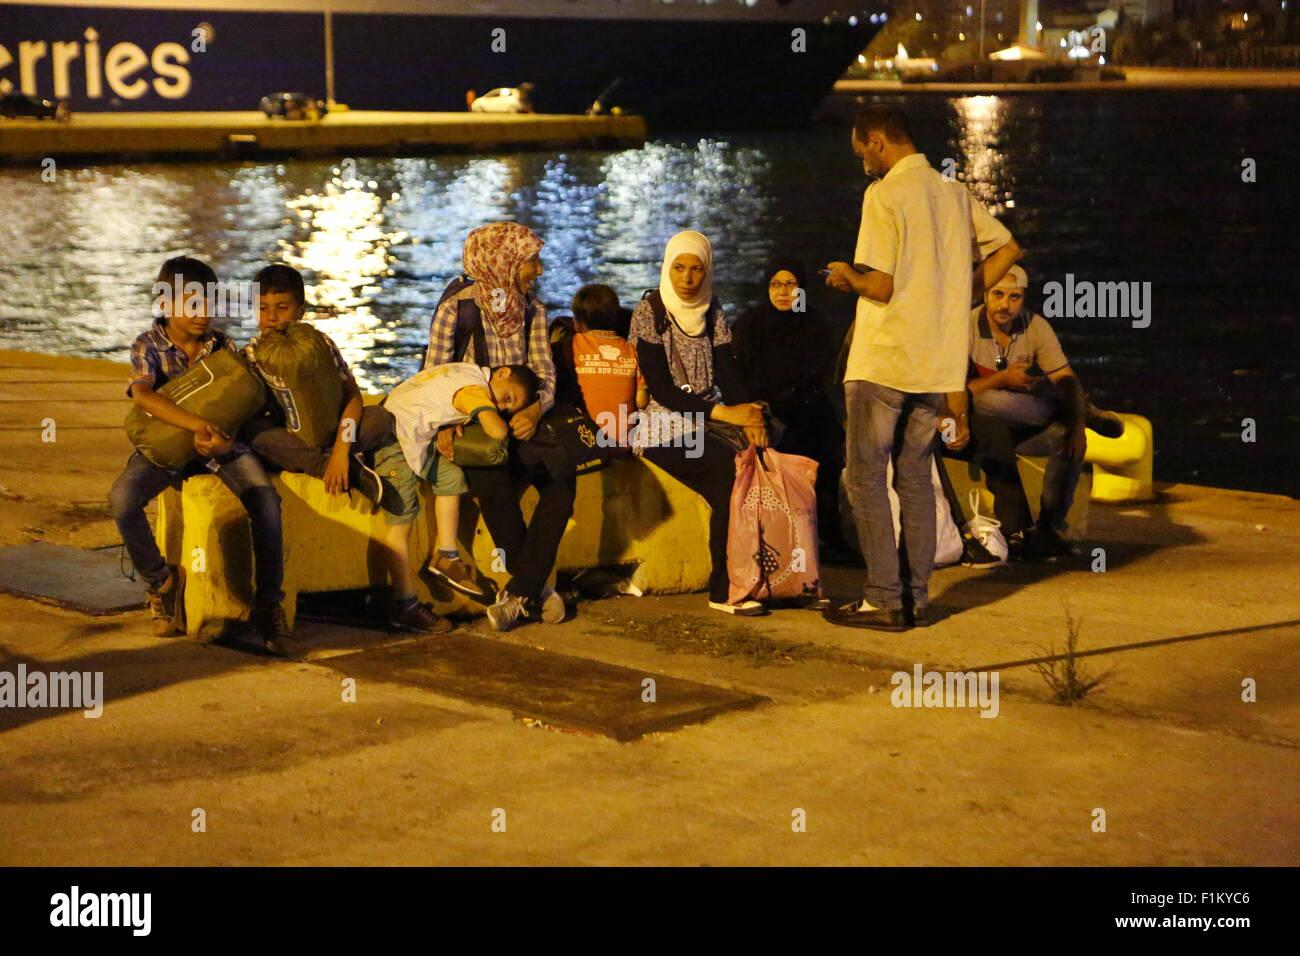 Atenas, Grecia. 3 de septiembre de 2015. Los refugiados sentarse en unas piedras sobre los muelles del puerto del Pireo, esperando el autobús para llevarlos a la estación de tren. Miles de refugiados llegaron en el puerto del Pireo a bordo el Gobierno fletó Tera jet ferry desde la isla griega de Lesbos. Cientos de refugiados, en su mayoría procedentes de Siria y Afganistán llegan a las islas griegas cada semana, añadiendo a la ya varios miles de refugiados ya en las islas griegas. Crédito: Michael Debets/Alamy Live News Foto de stock